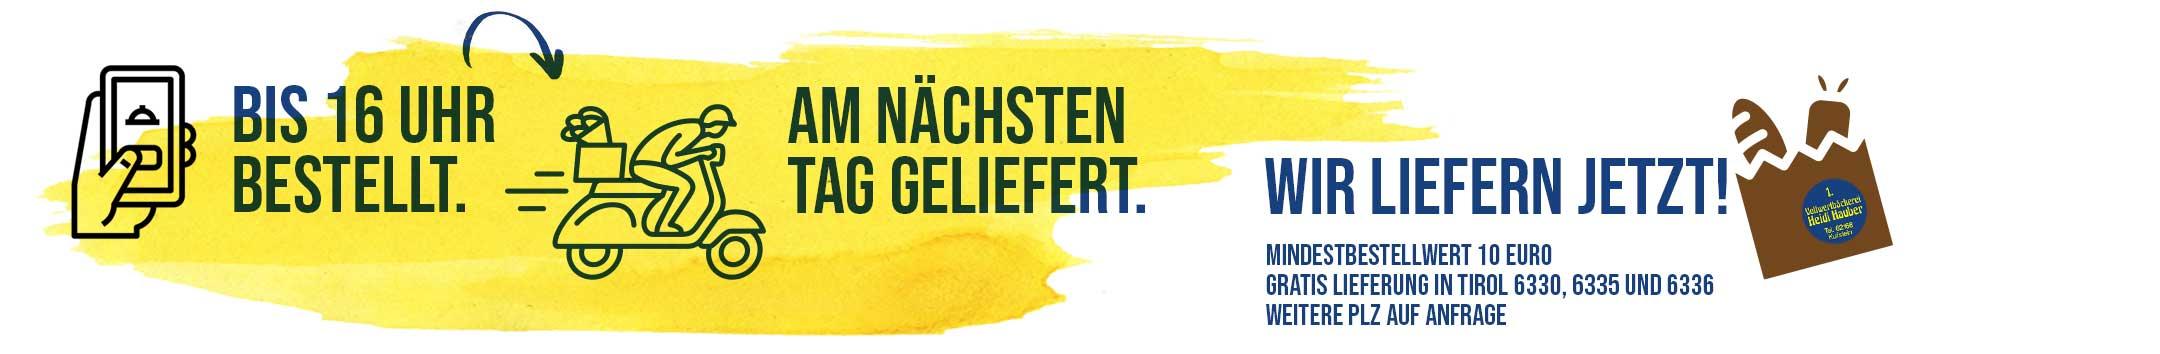 Vollwertbäckerei Heidi Hauber